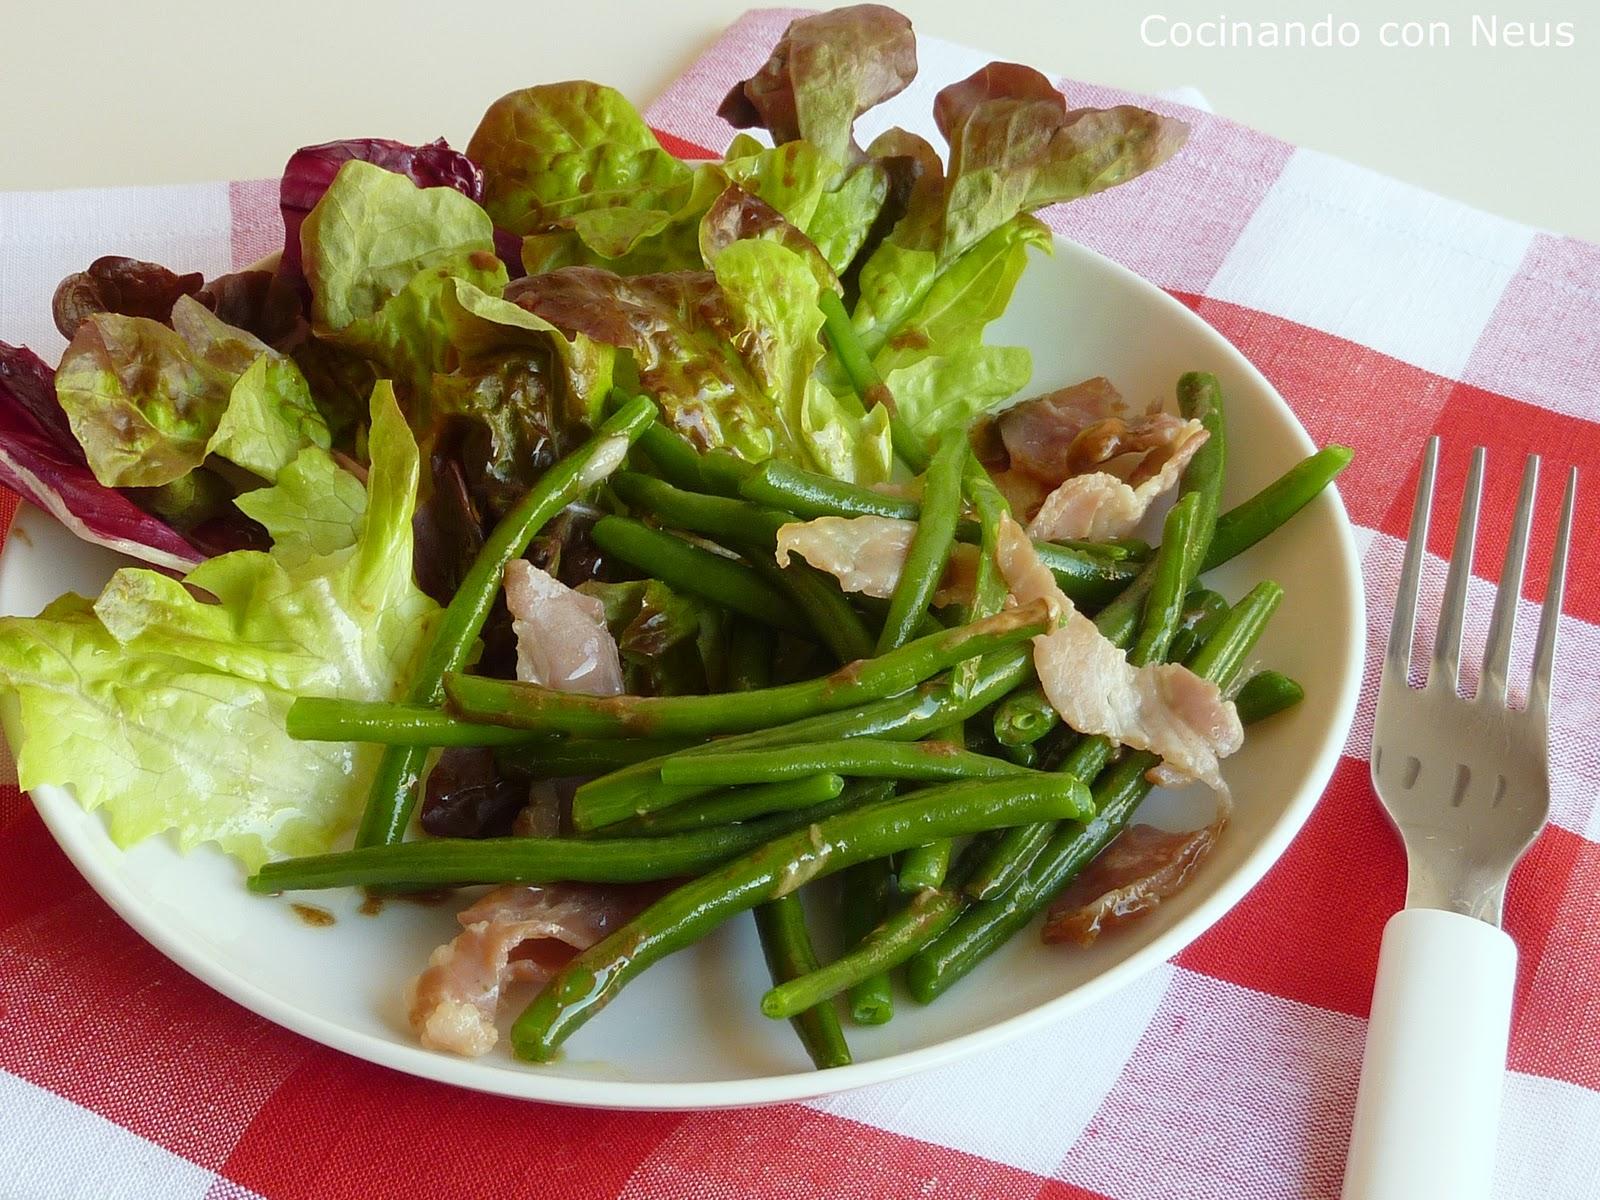 Cocinando con neus ensalada verde de jud as verdes y beicon - Como preparar las judias verdes ...